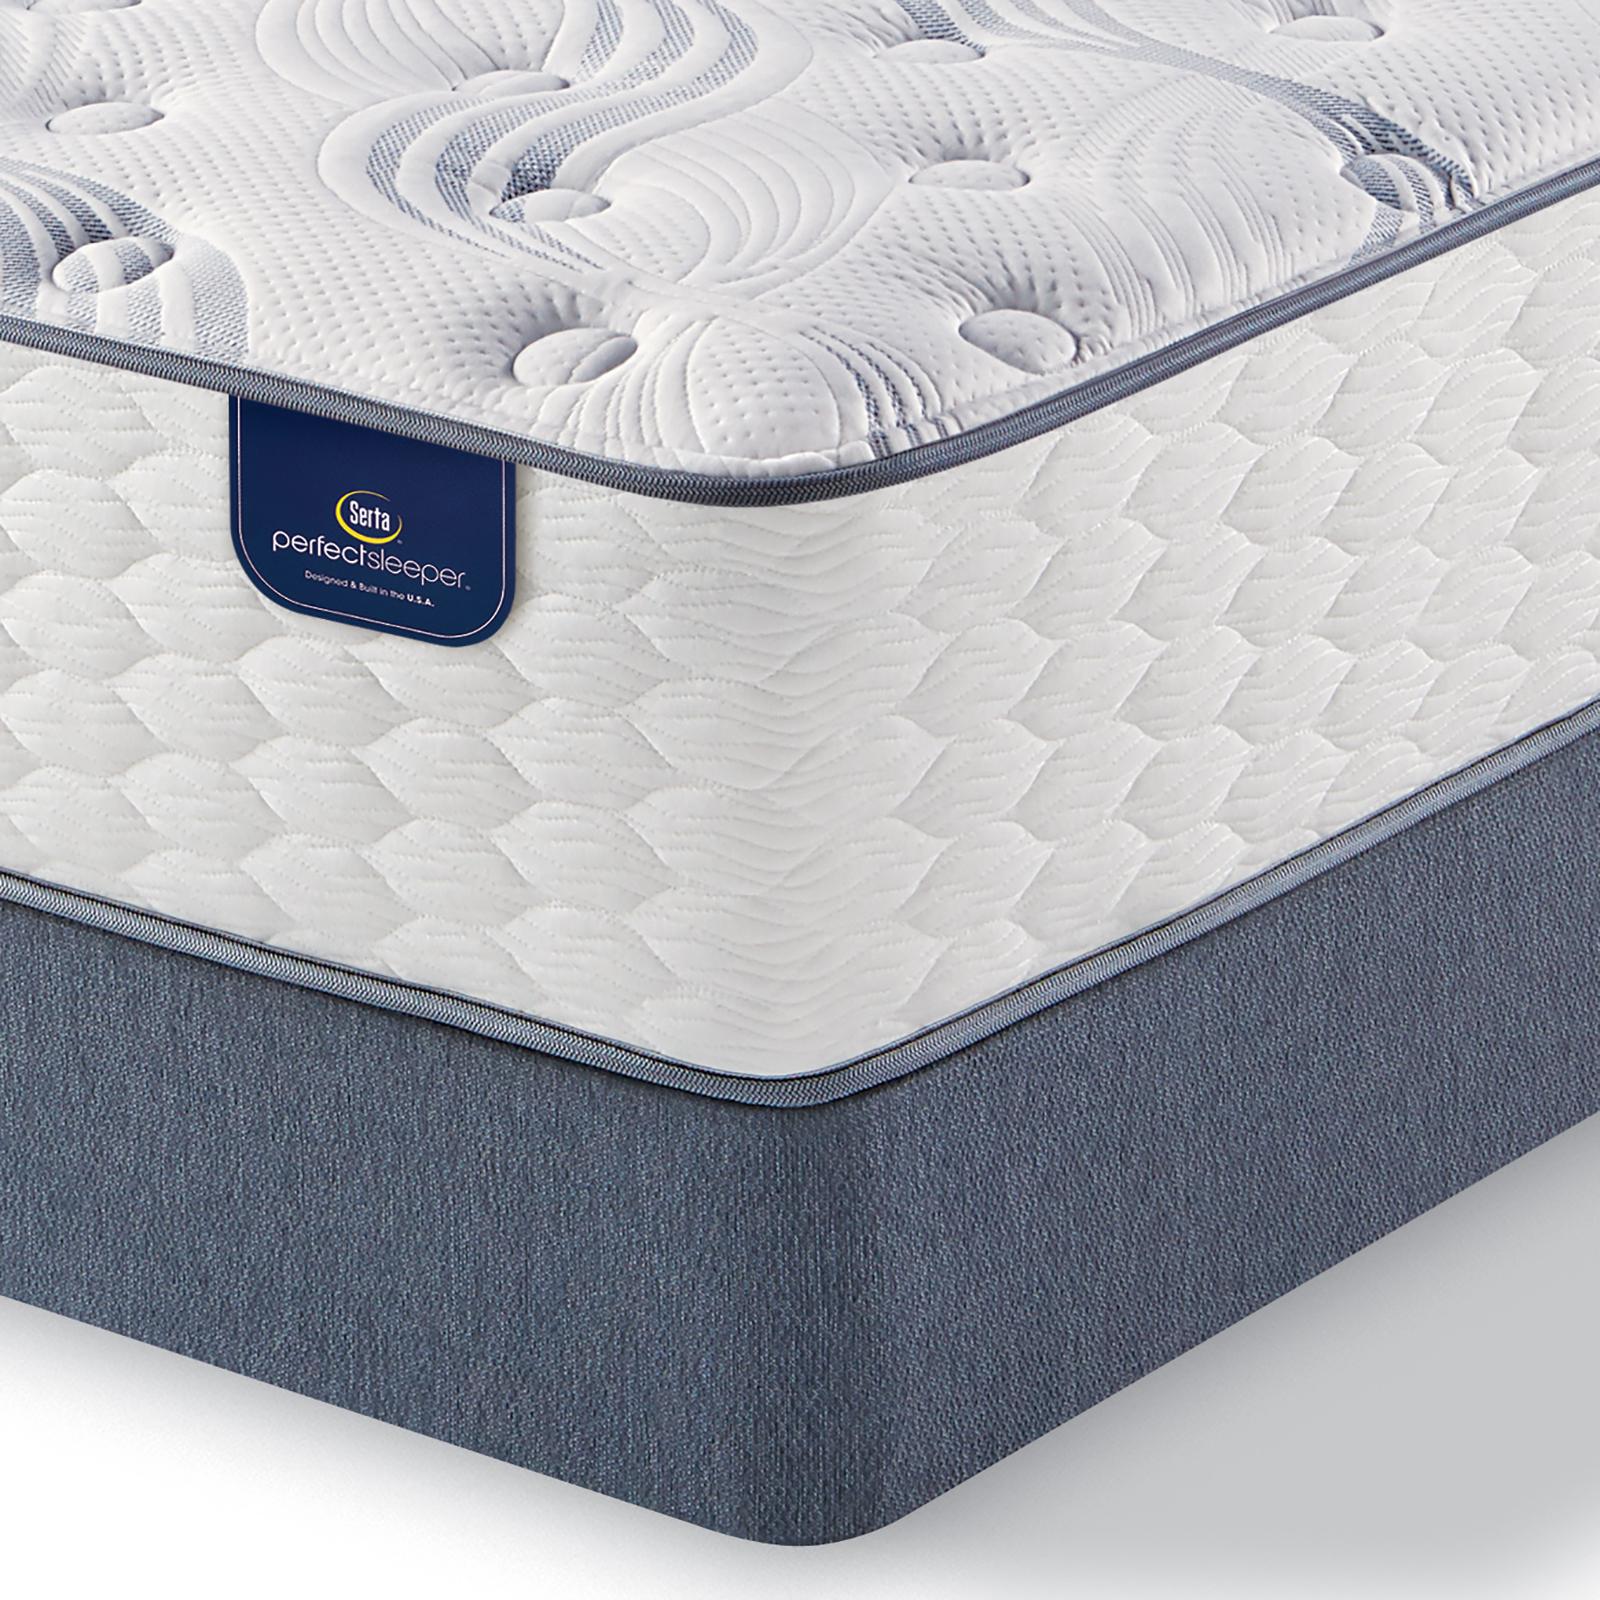 Serta 92657 Perfect Sleeper Plumstead Plush Queen Mattress